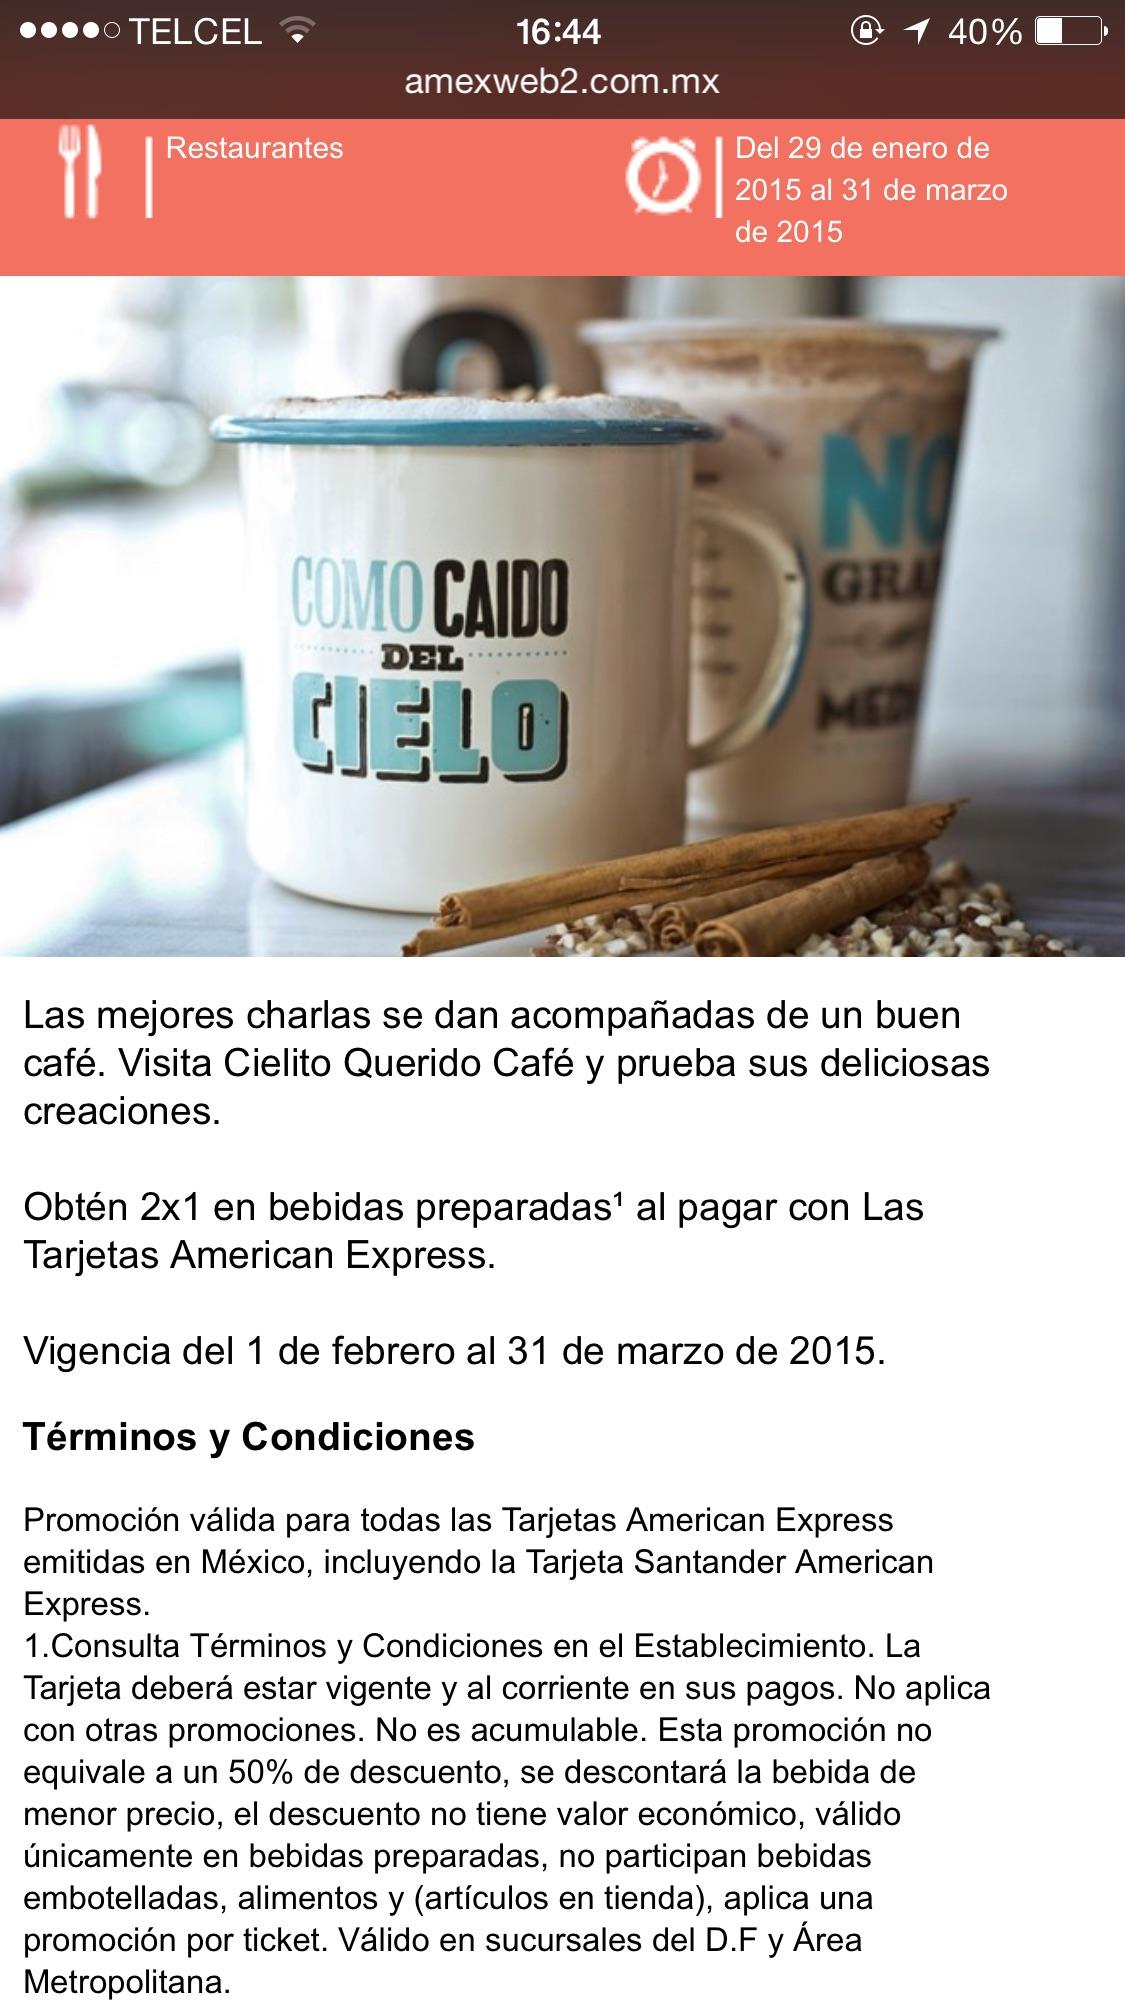 2x1 en bebidas preparadas en Cielito querido café pagando con Amex